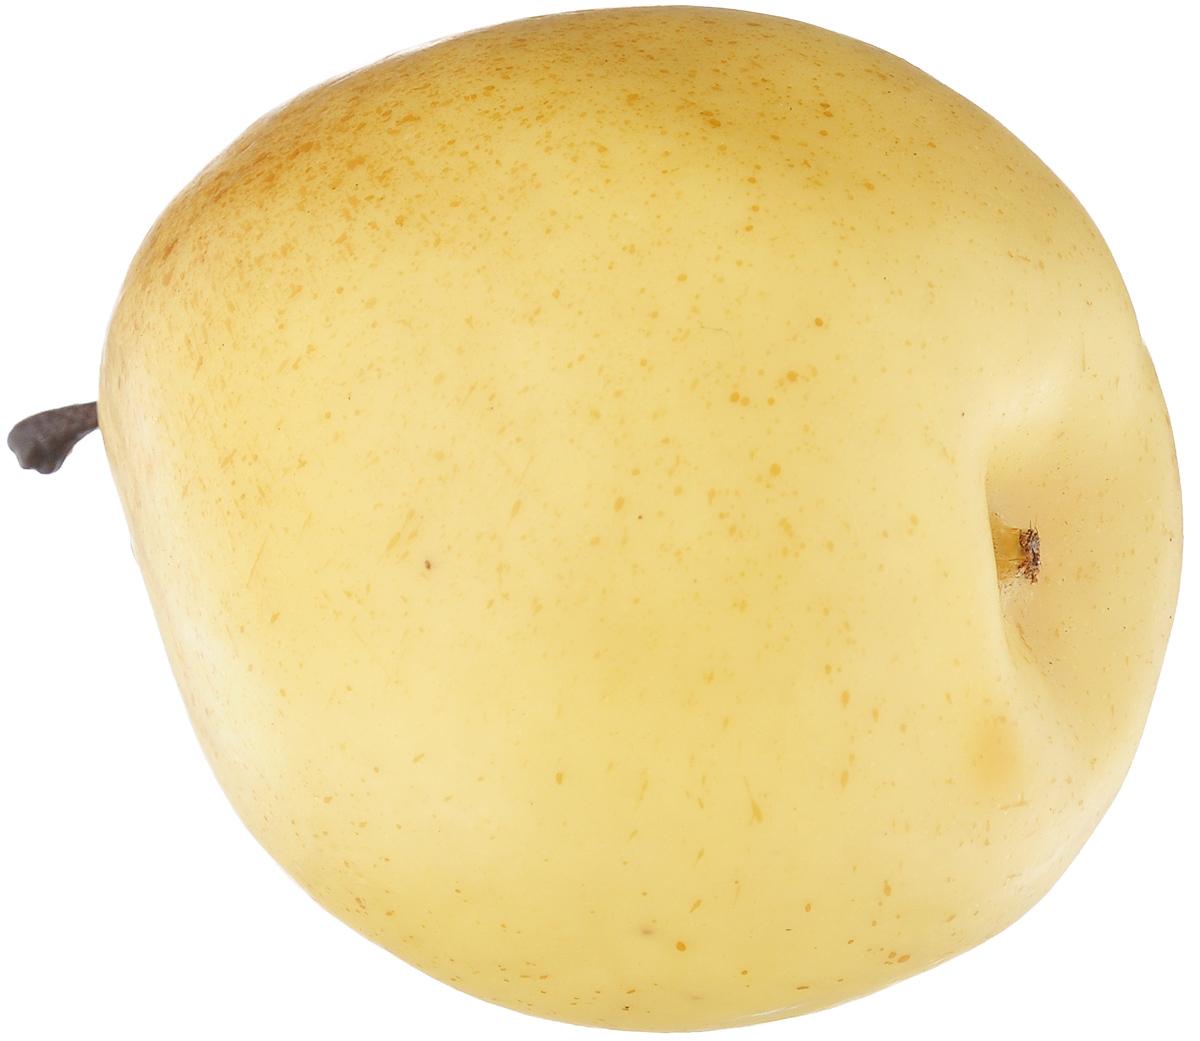 Муляж Груша, цвет: желтый, 9,5 смLI95-03Муляж Груша изготовлен из полиуретана, окрашен в естественные цвета. Предназначен для украшения интерьера дома. Высота муляжа: 9,5 см.